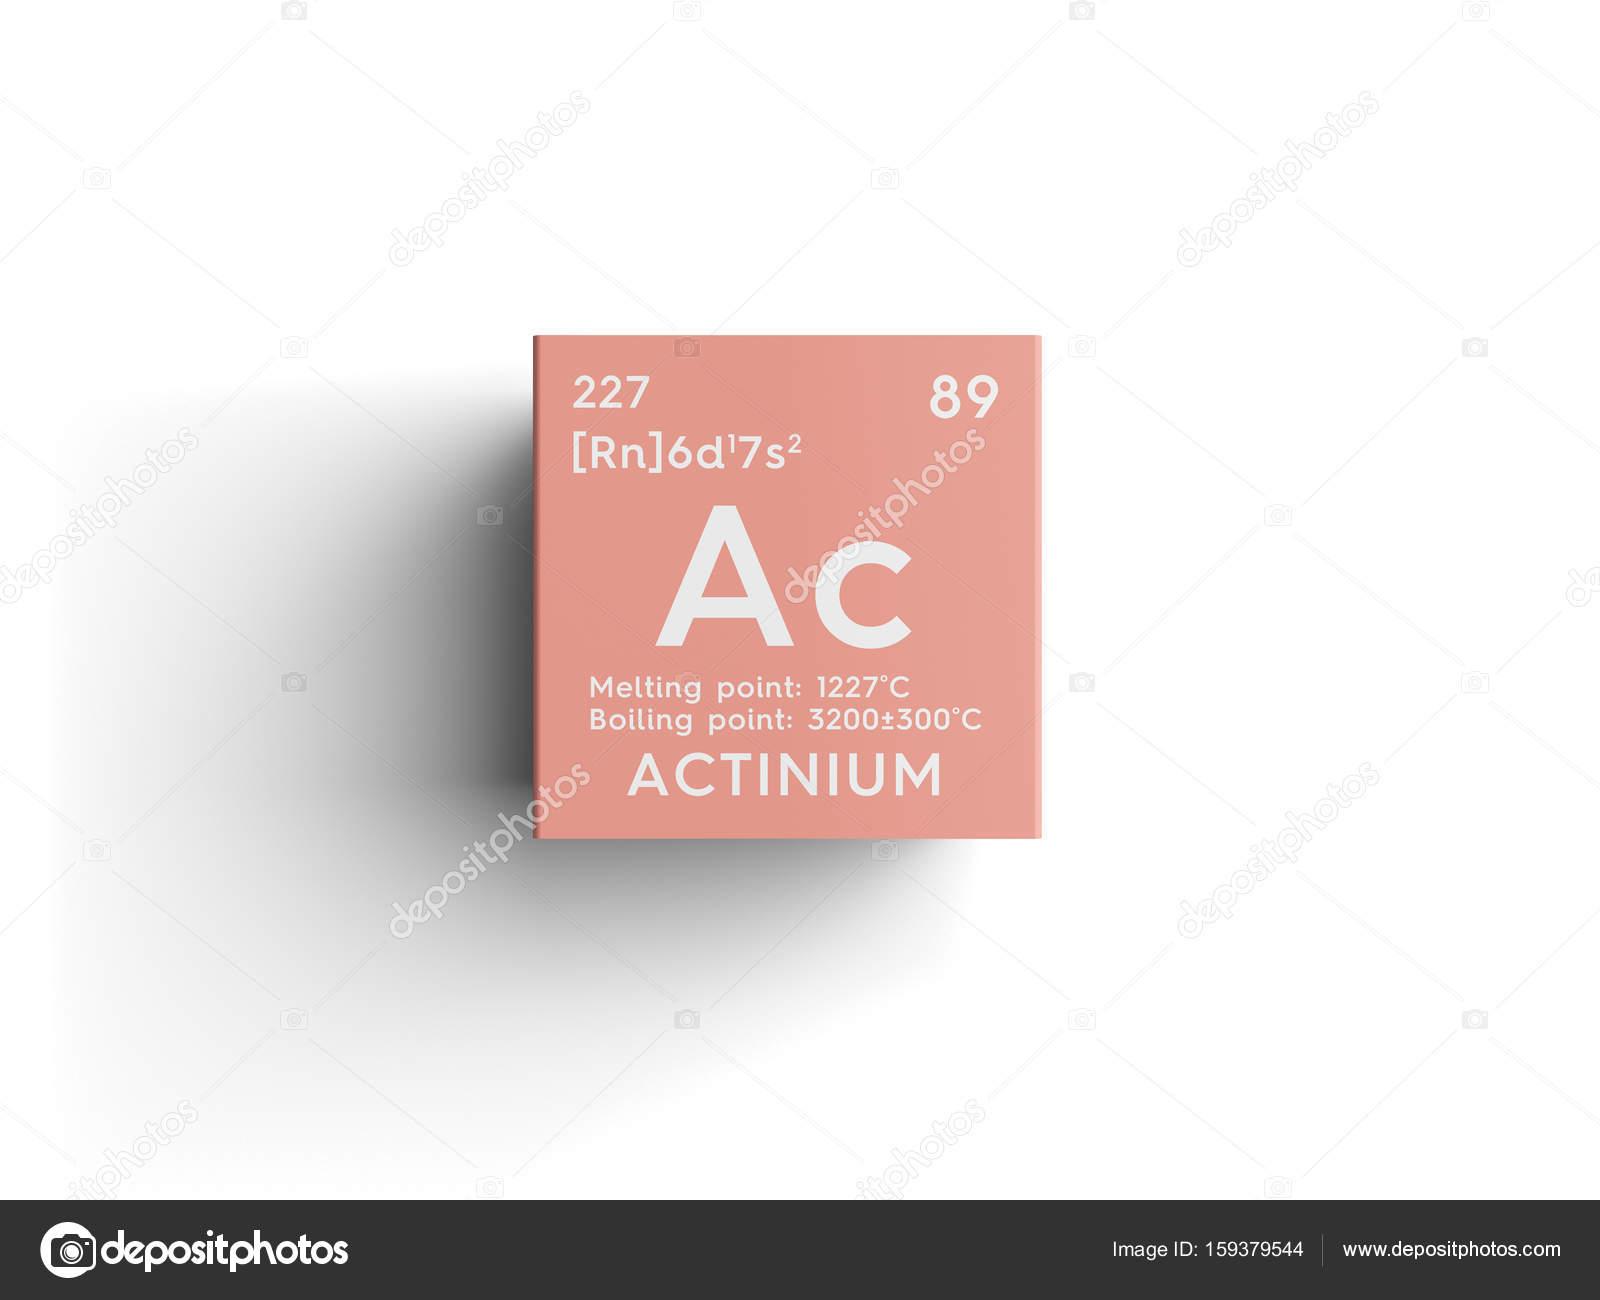 Actinio informacin elemento qumico de la tabla de periodica de informacin elemento qumico de la tabla de periodica de mendeleiev urtaz Images